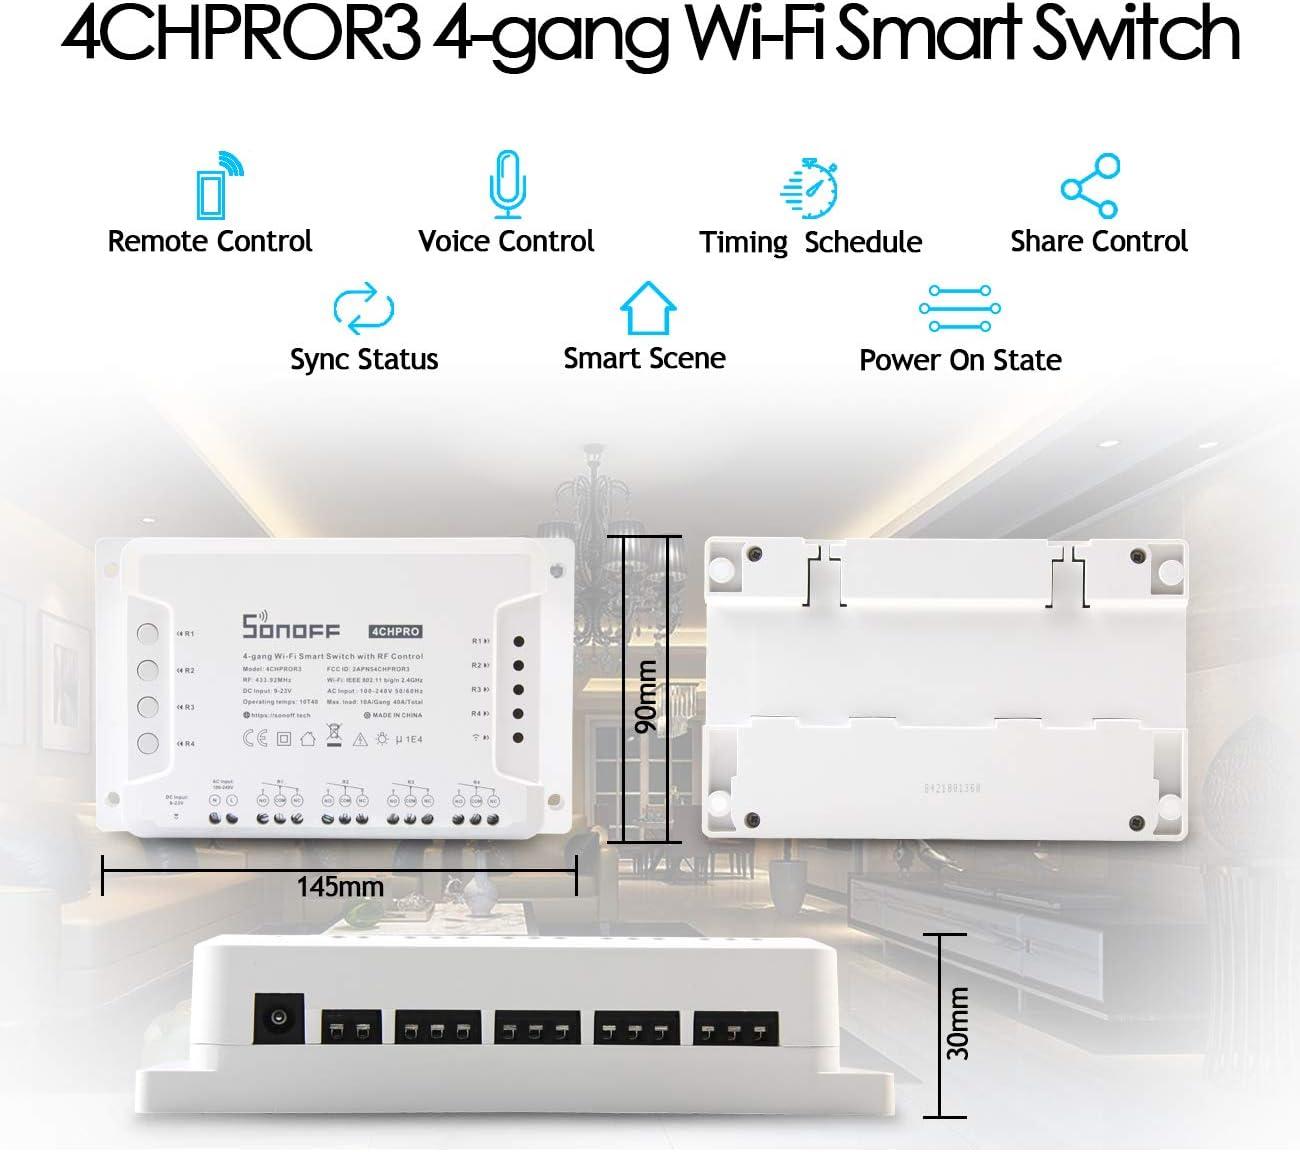 4CH Pro R3 Interruptor Inteligente WiFi Smart Switch Inalámbrico Conmutador con Autobloqueo/Enclavamiento/Intermitente (0,5-3600s) para Amazon Alexa, Google Assistant, Nest, IFTTT + Elettroscopio: Amazon.es: Bricolaje y herramientas